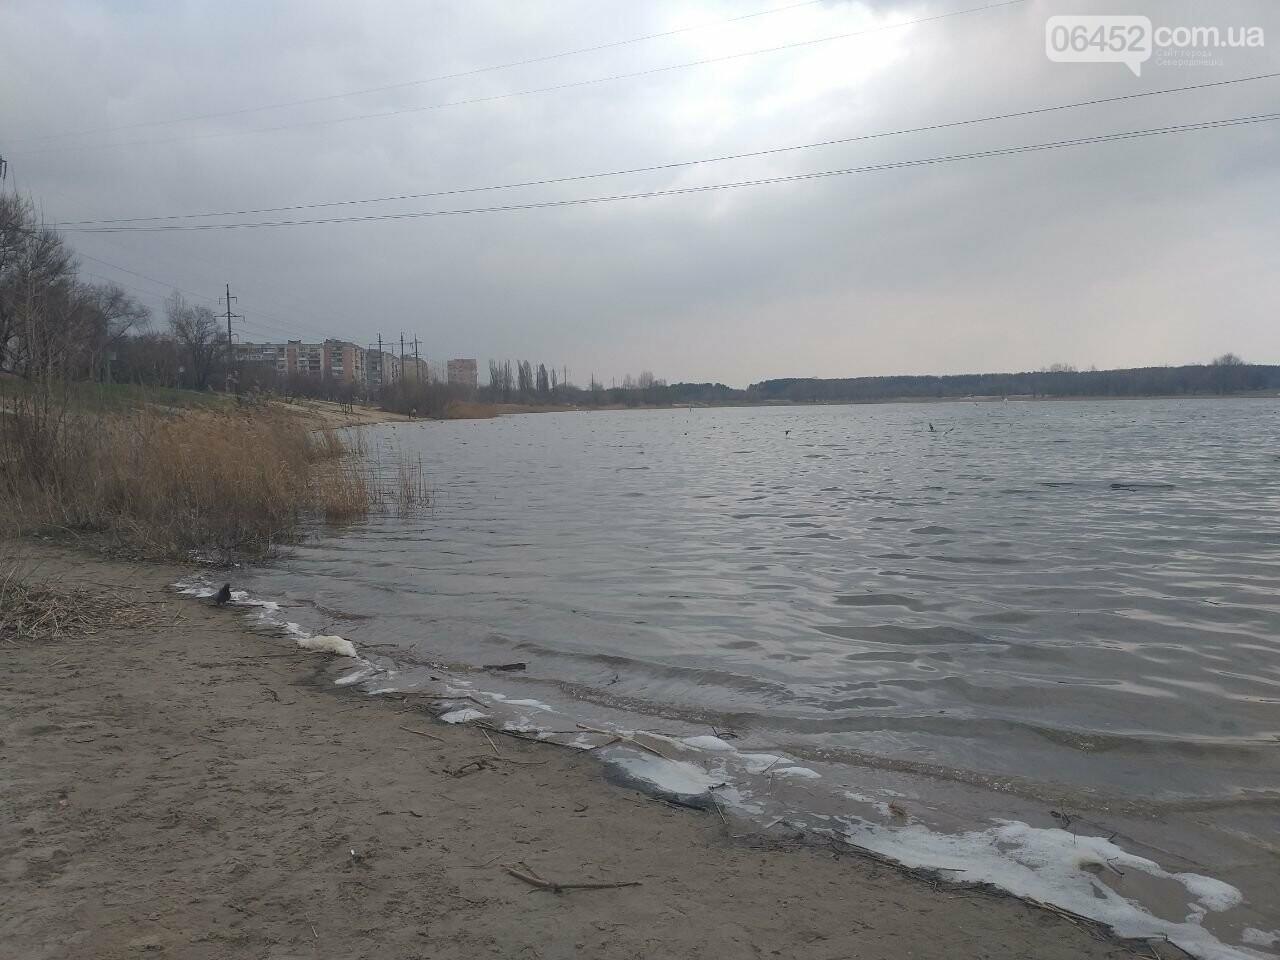 Ловись рыбка...до трех килограмм: где на Луганщине разрешено рыбачить в период нереста , фото-1